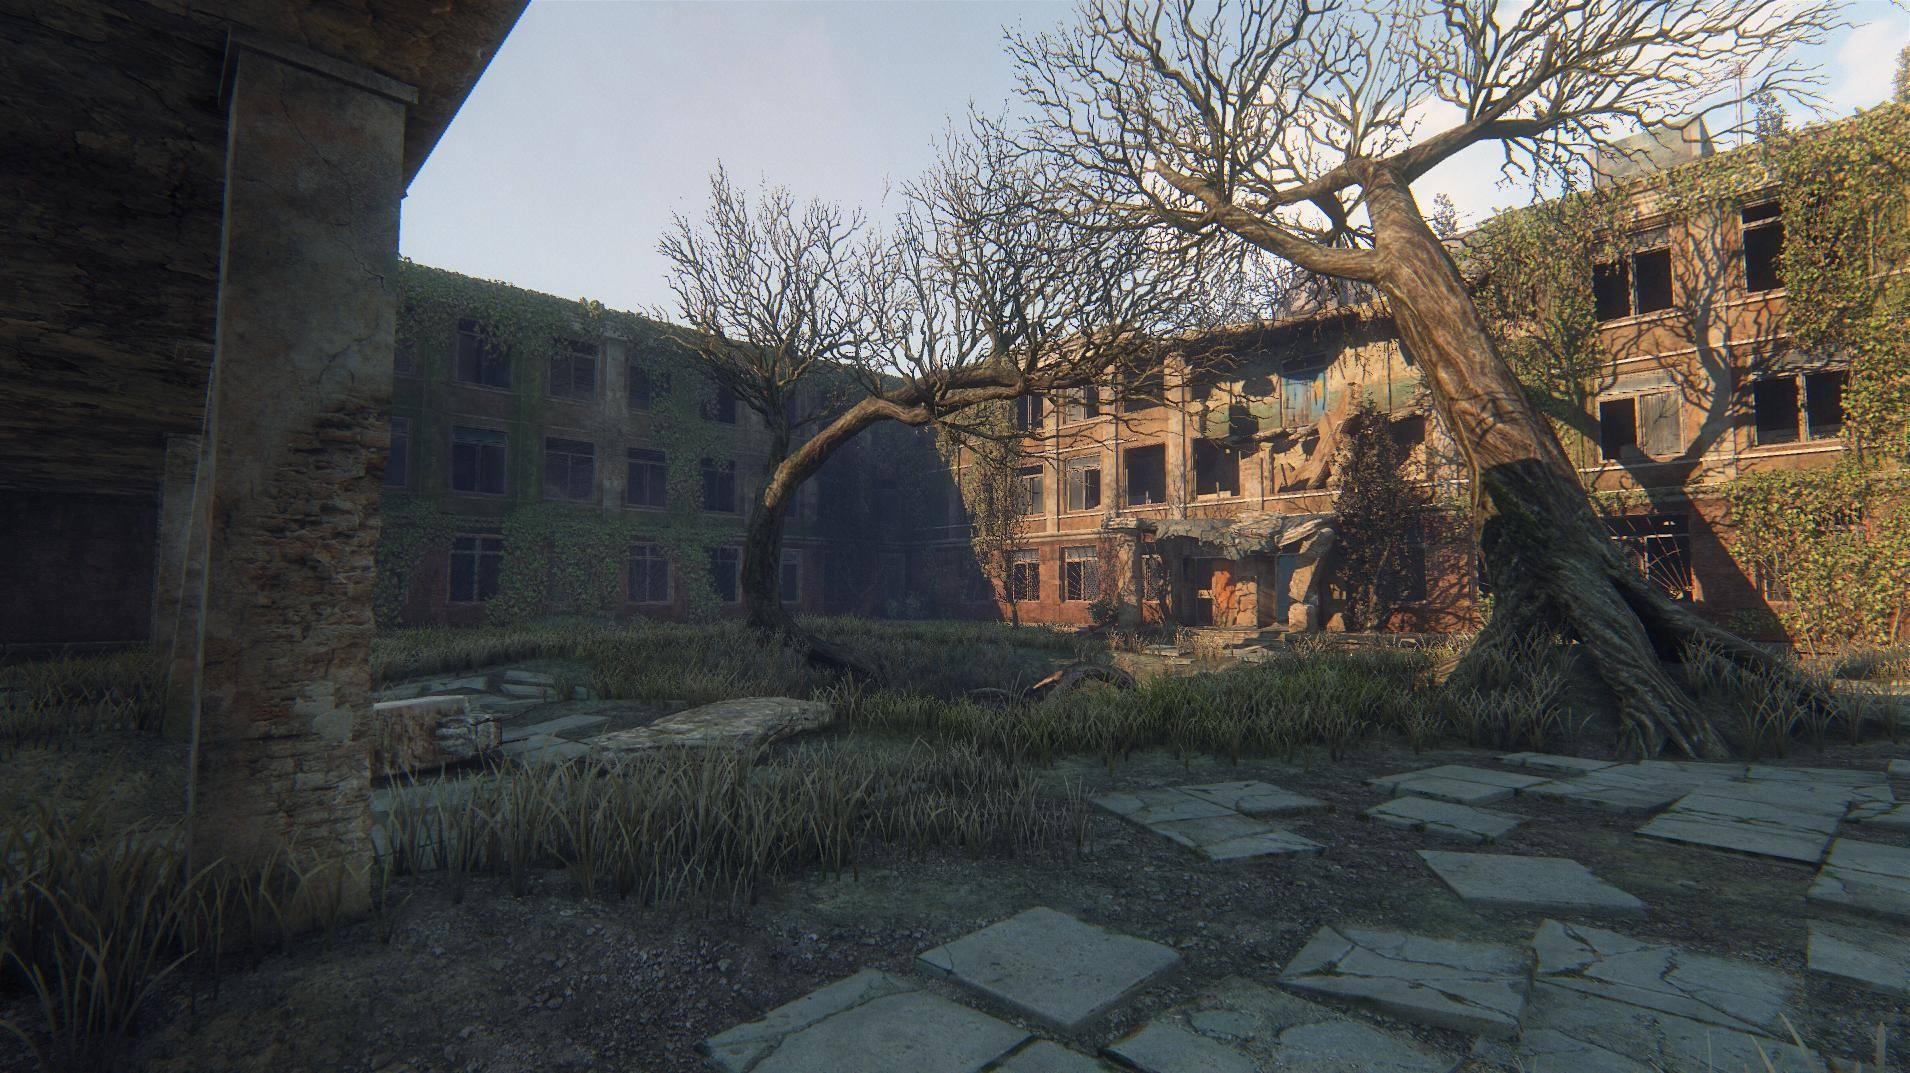 Zarostlé a rozpadající se budovy v Survarium 90475